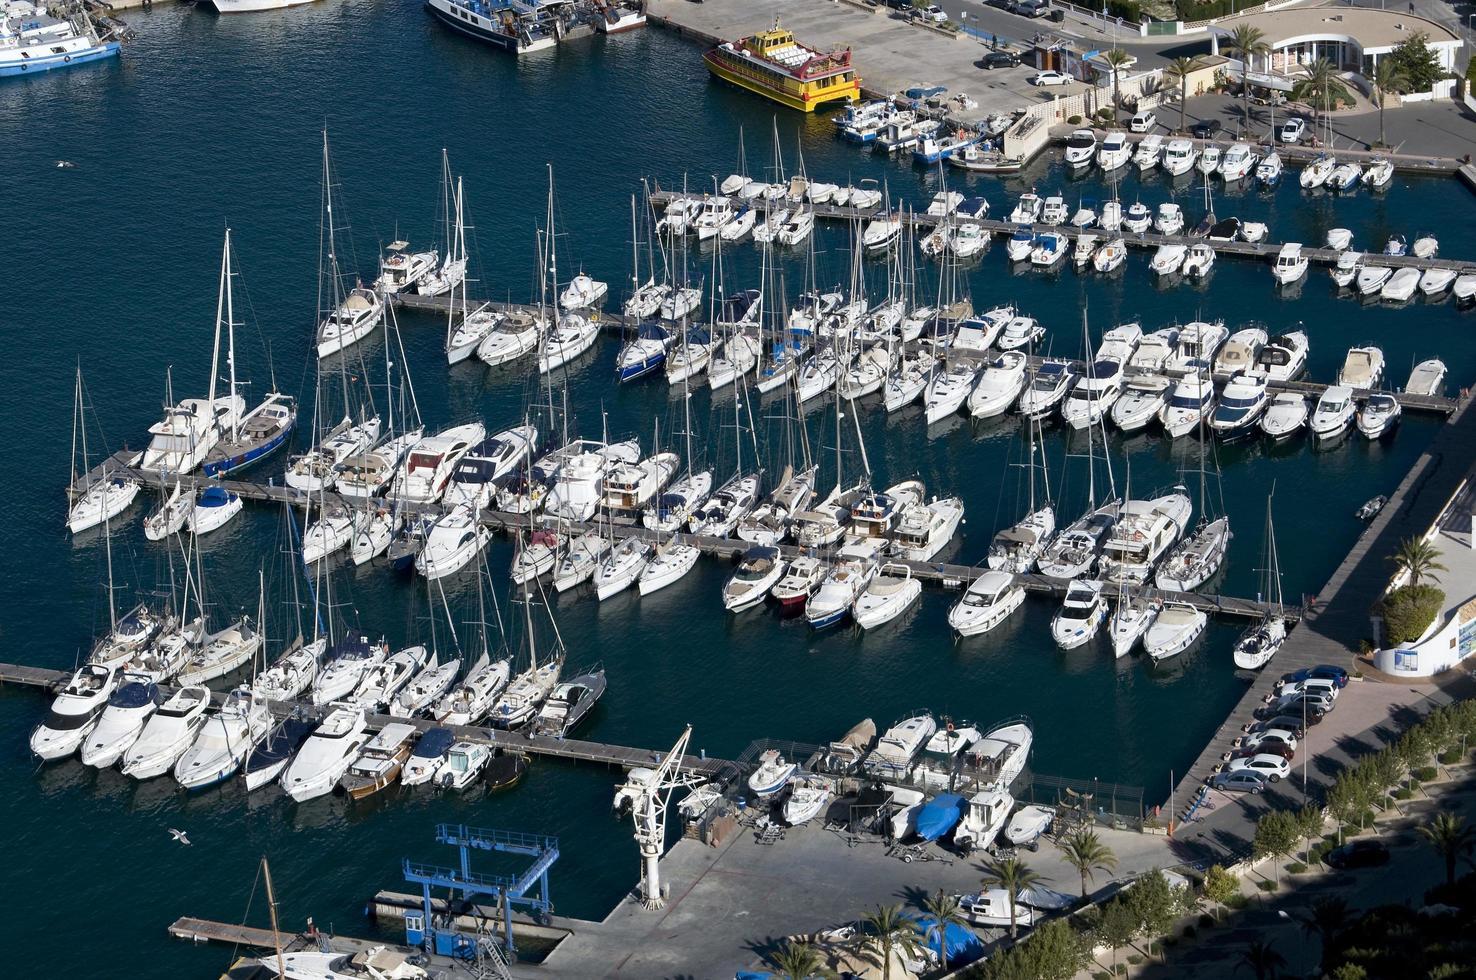 yachts dans la marina photo